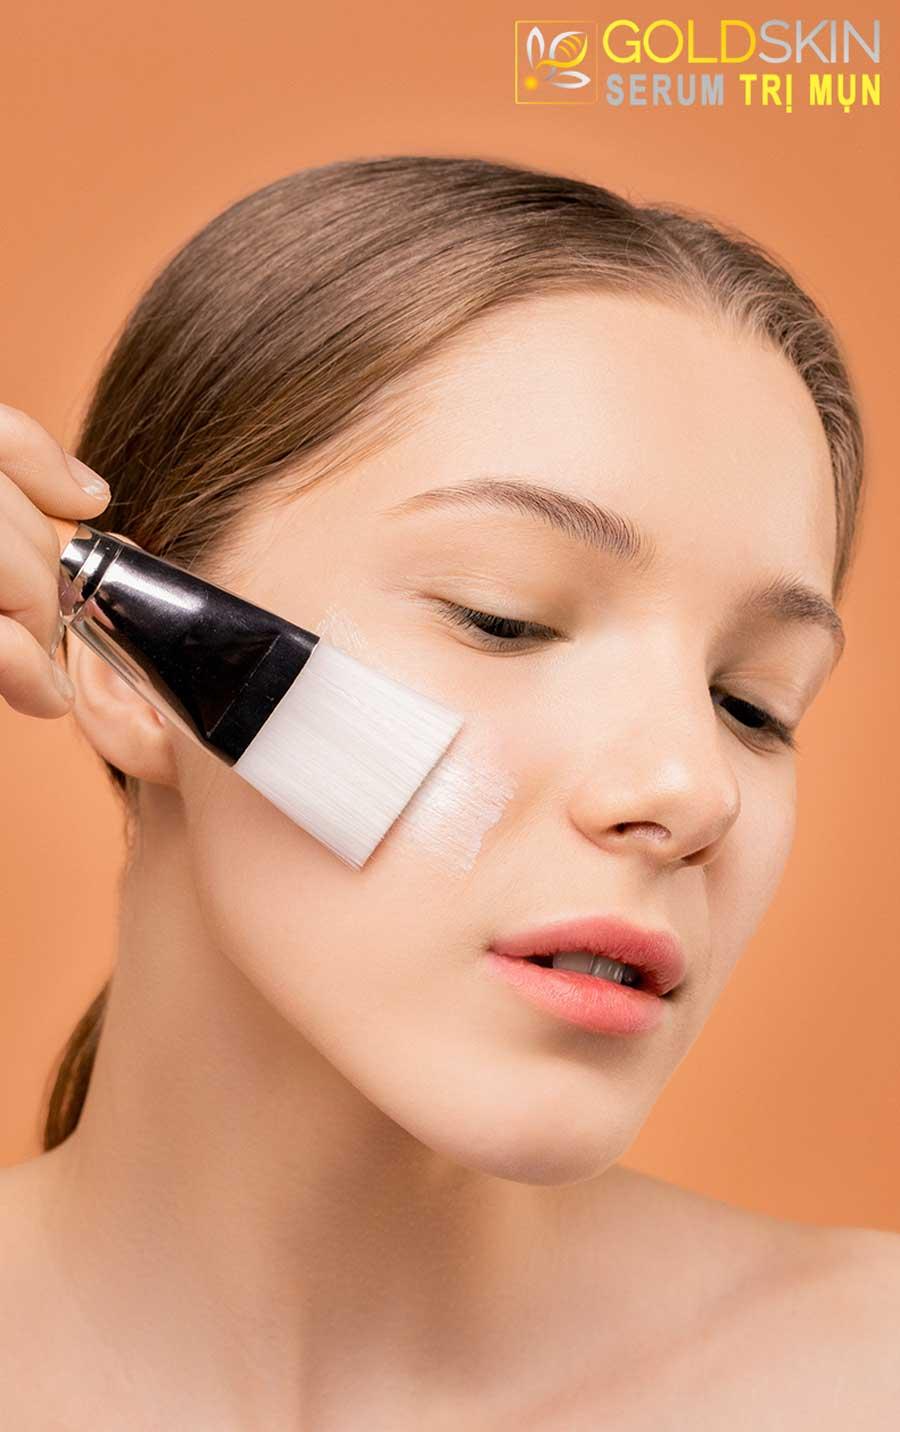 Sự kết hợp từ vitamin E và B1 sẽ tăng gấp đôi sức mạnh dưỡng ẩm, chống lại sự ôxy hóa các gốc tự do và melanin gây sạm màu da.